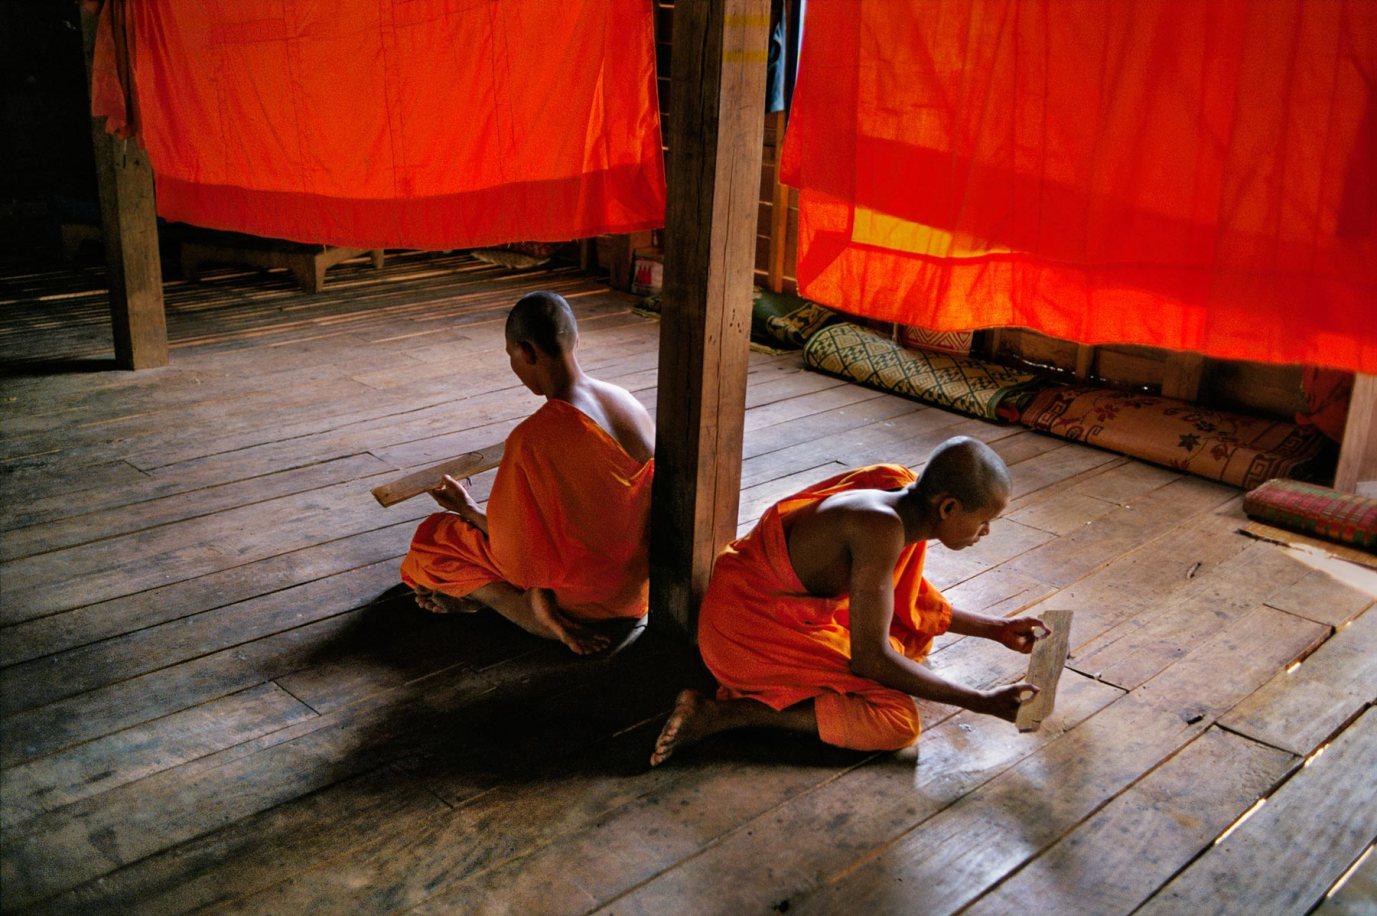 1347465_1, cambodia, 1999